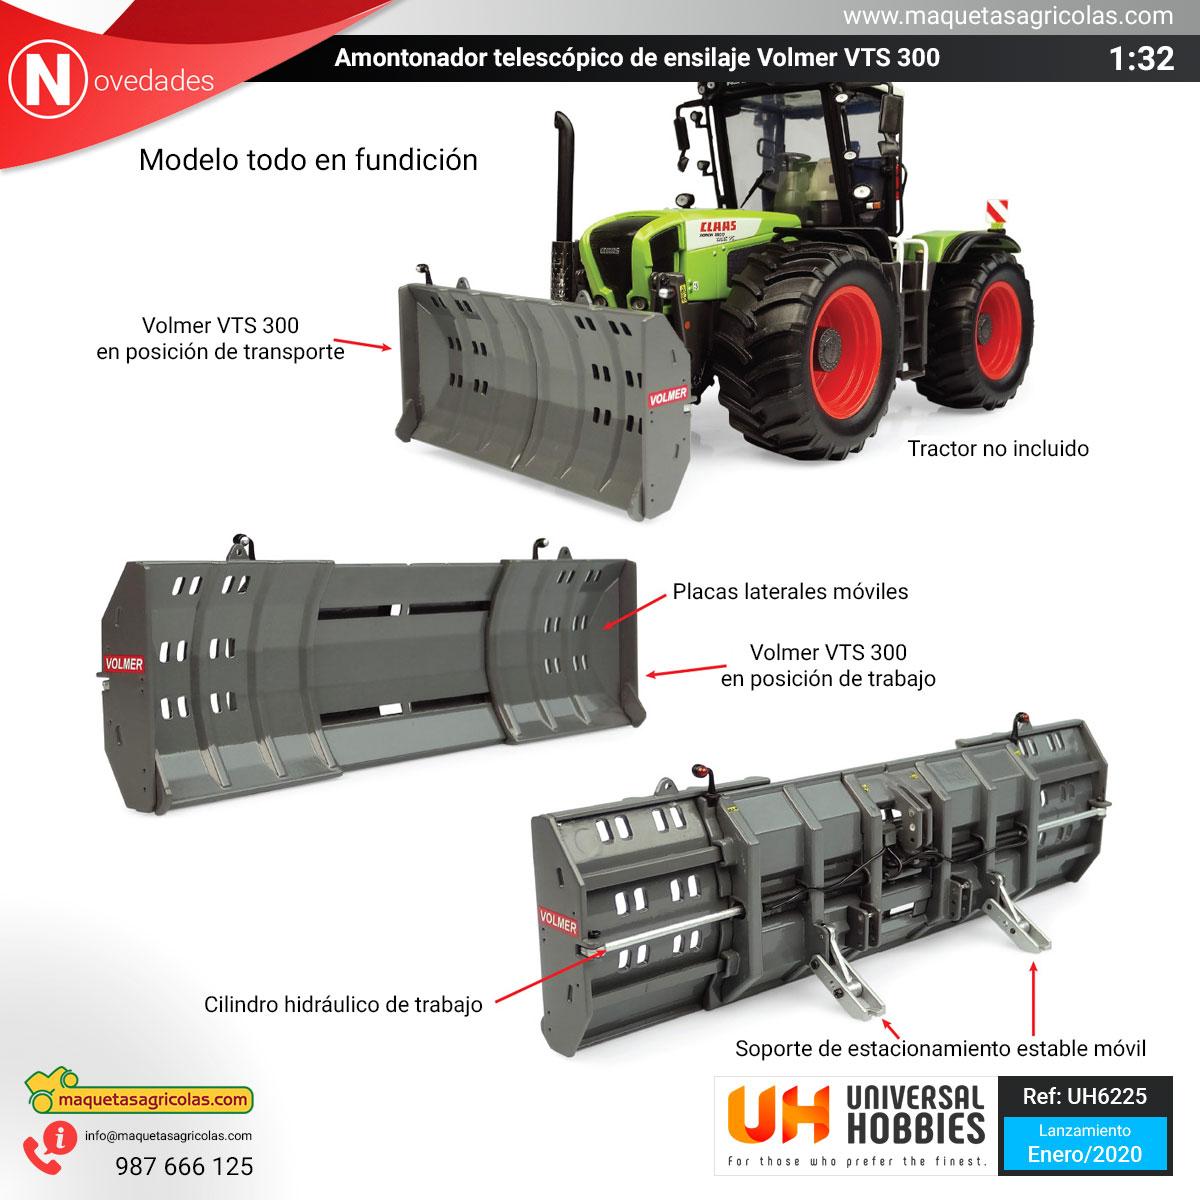 Amontanador Volmer VTS 300 de Universal Hobbies